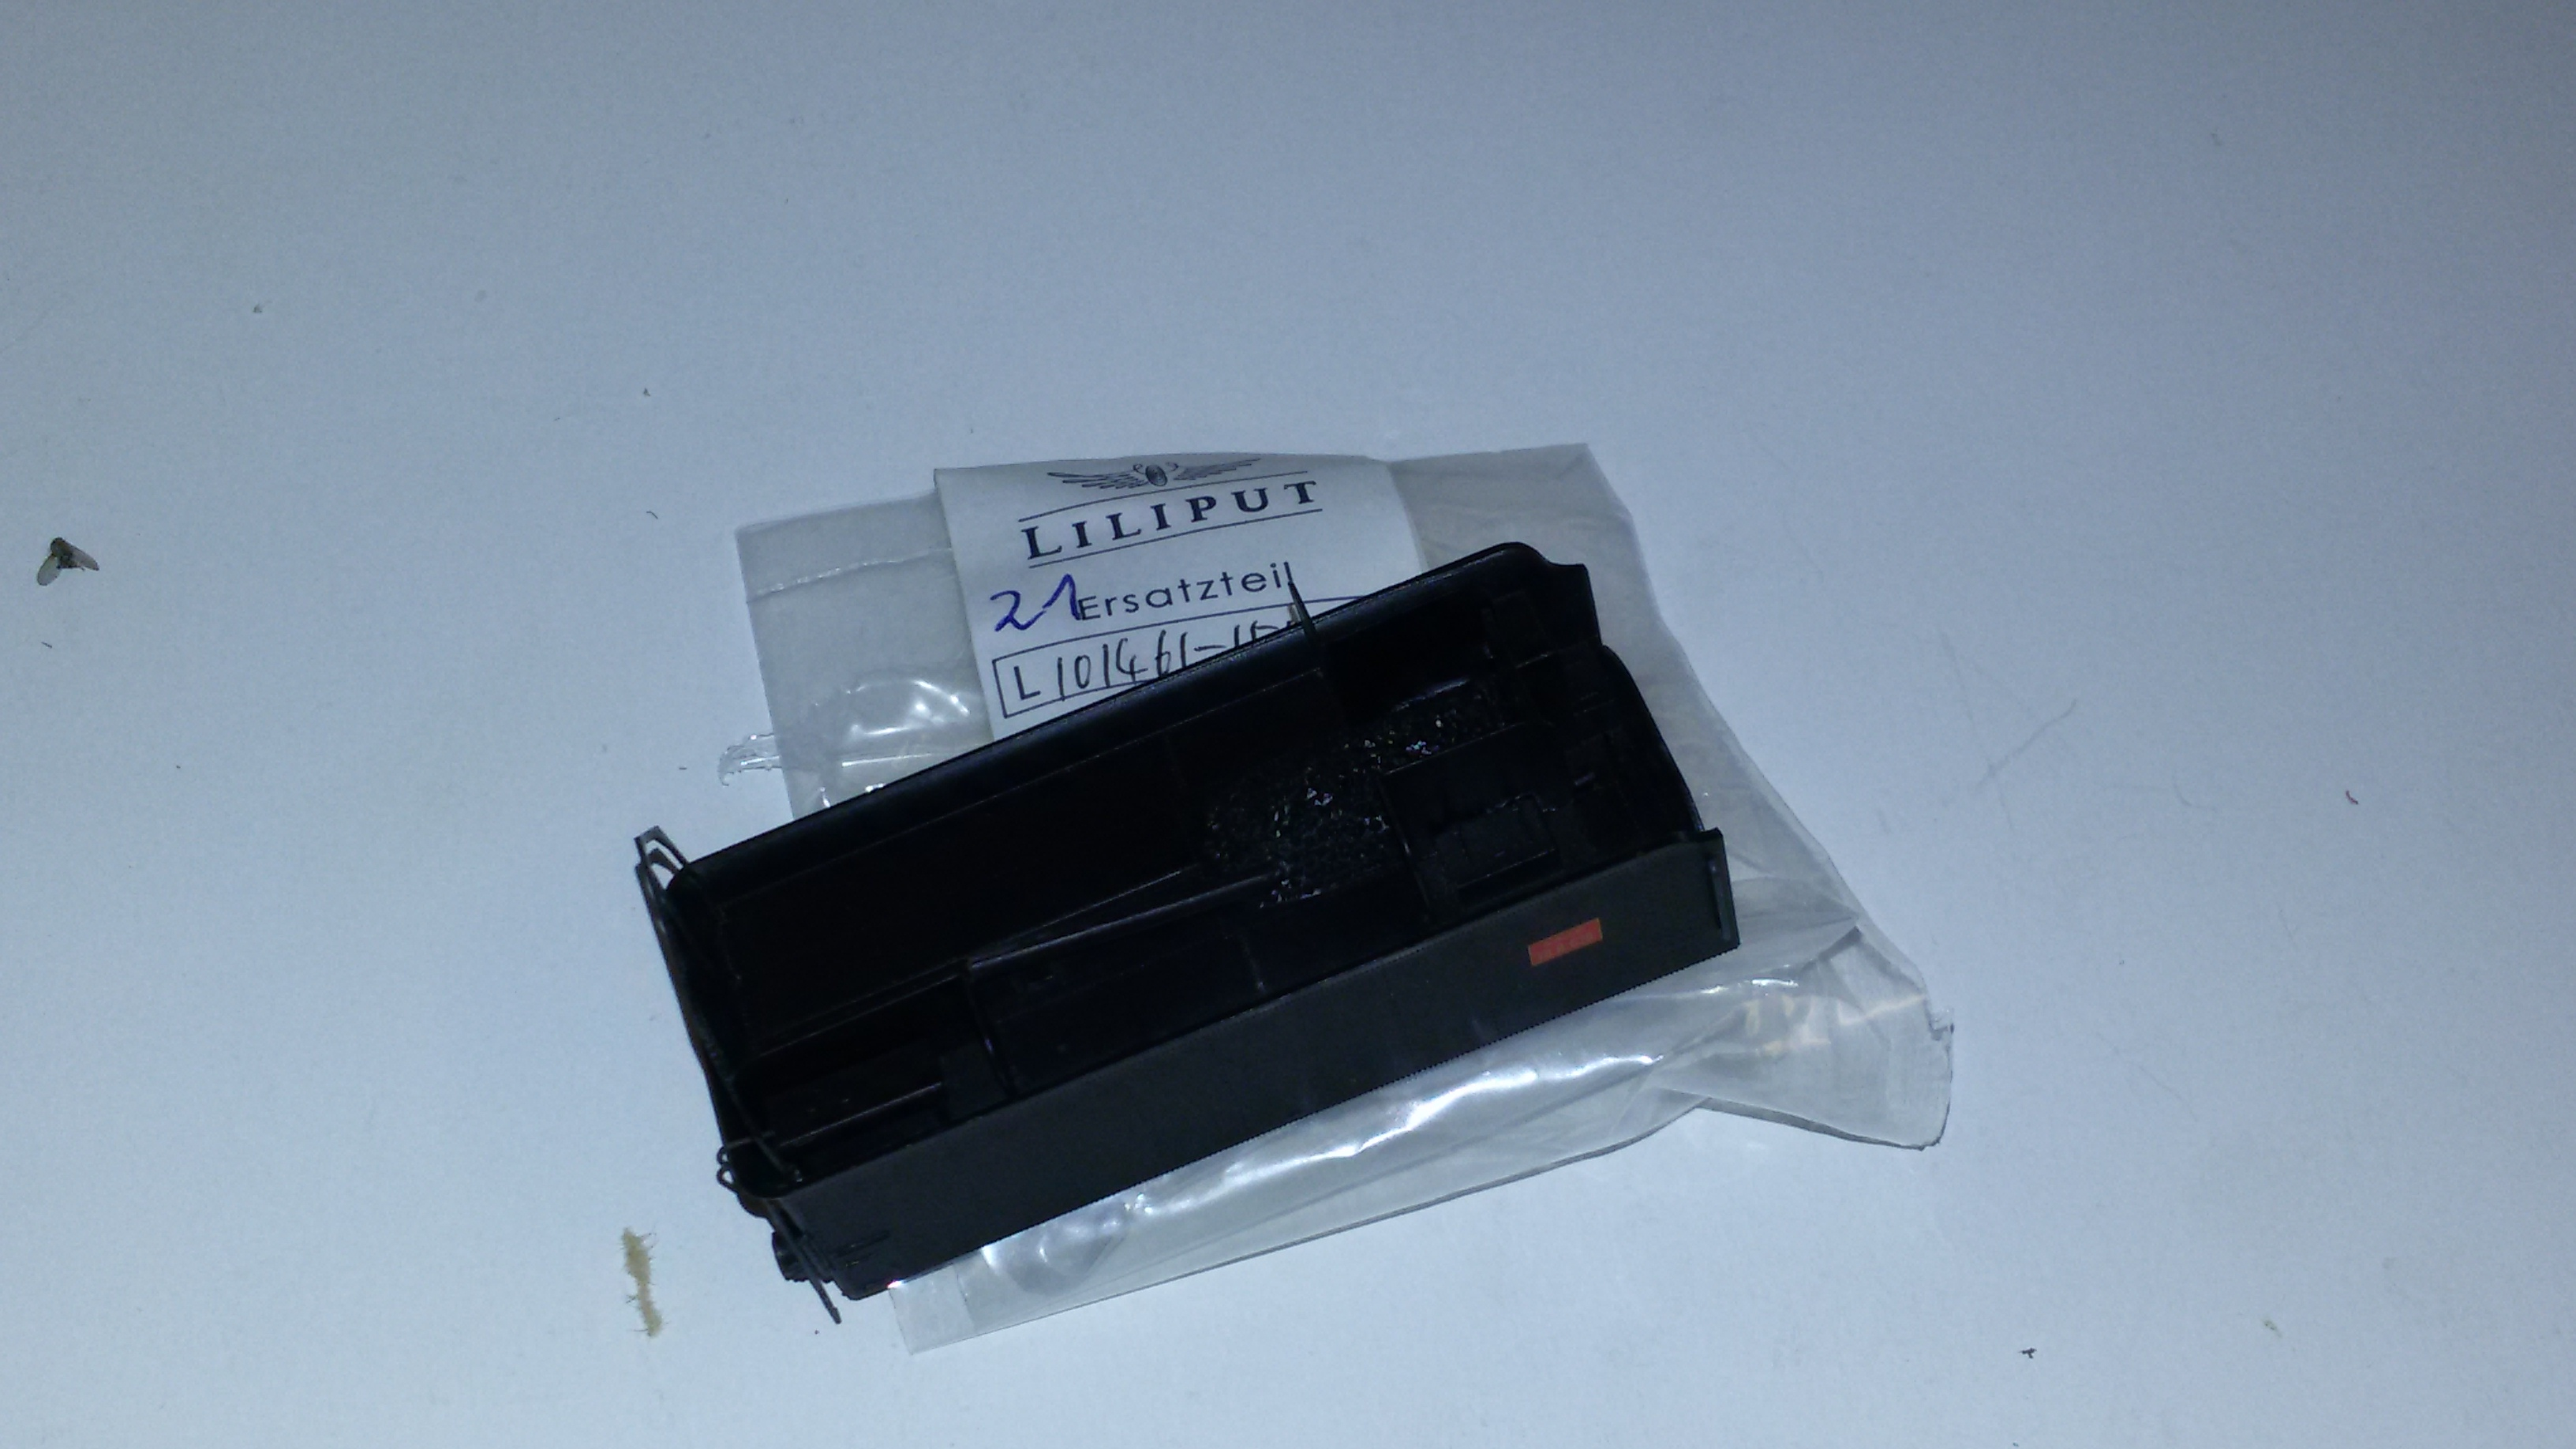 *LO 21* Liliput Ersatzteil L101461-151-1 Tenderkasten für 101461